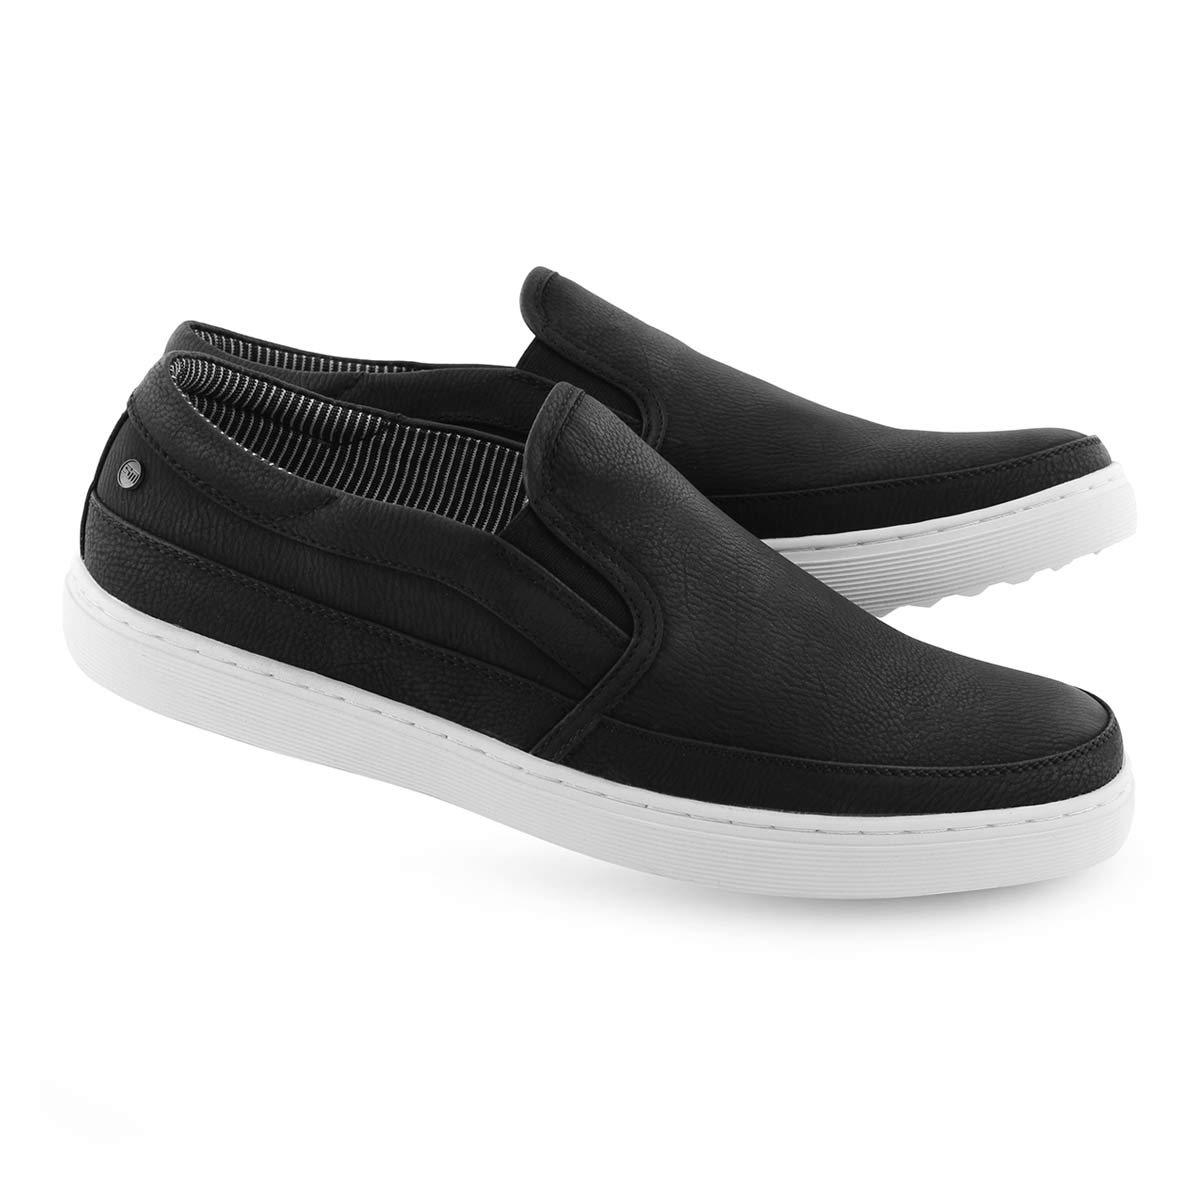 Mns Grissom black slip on casual loafer